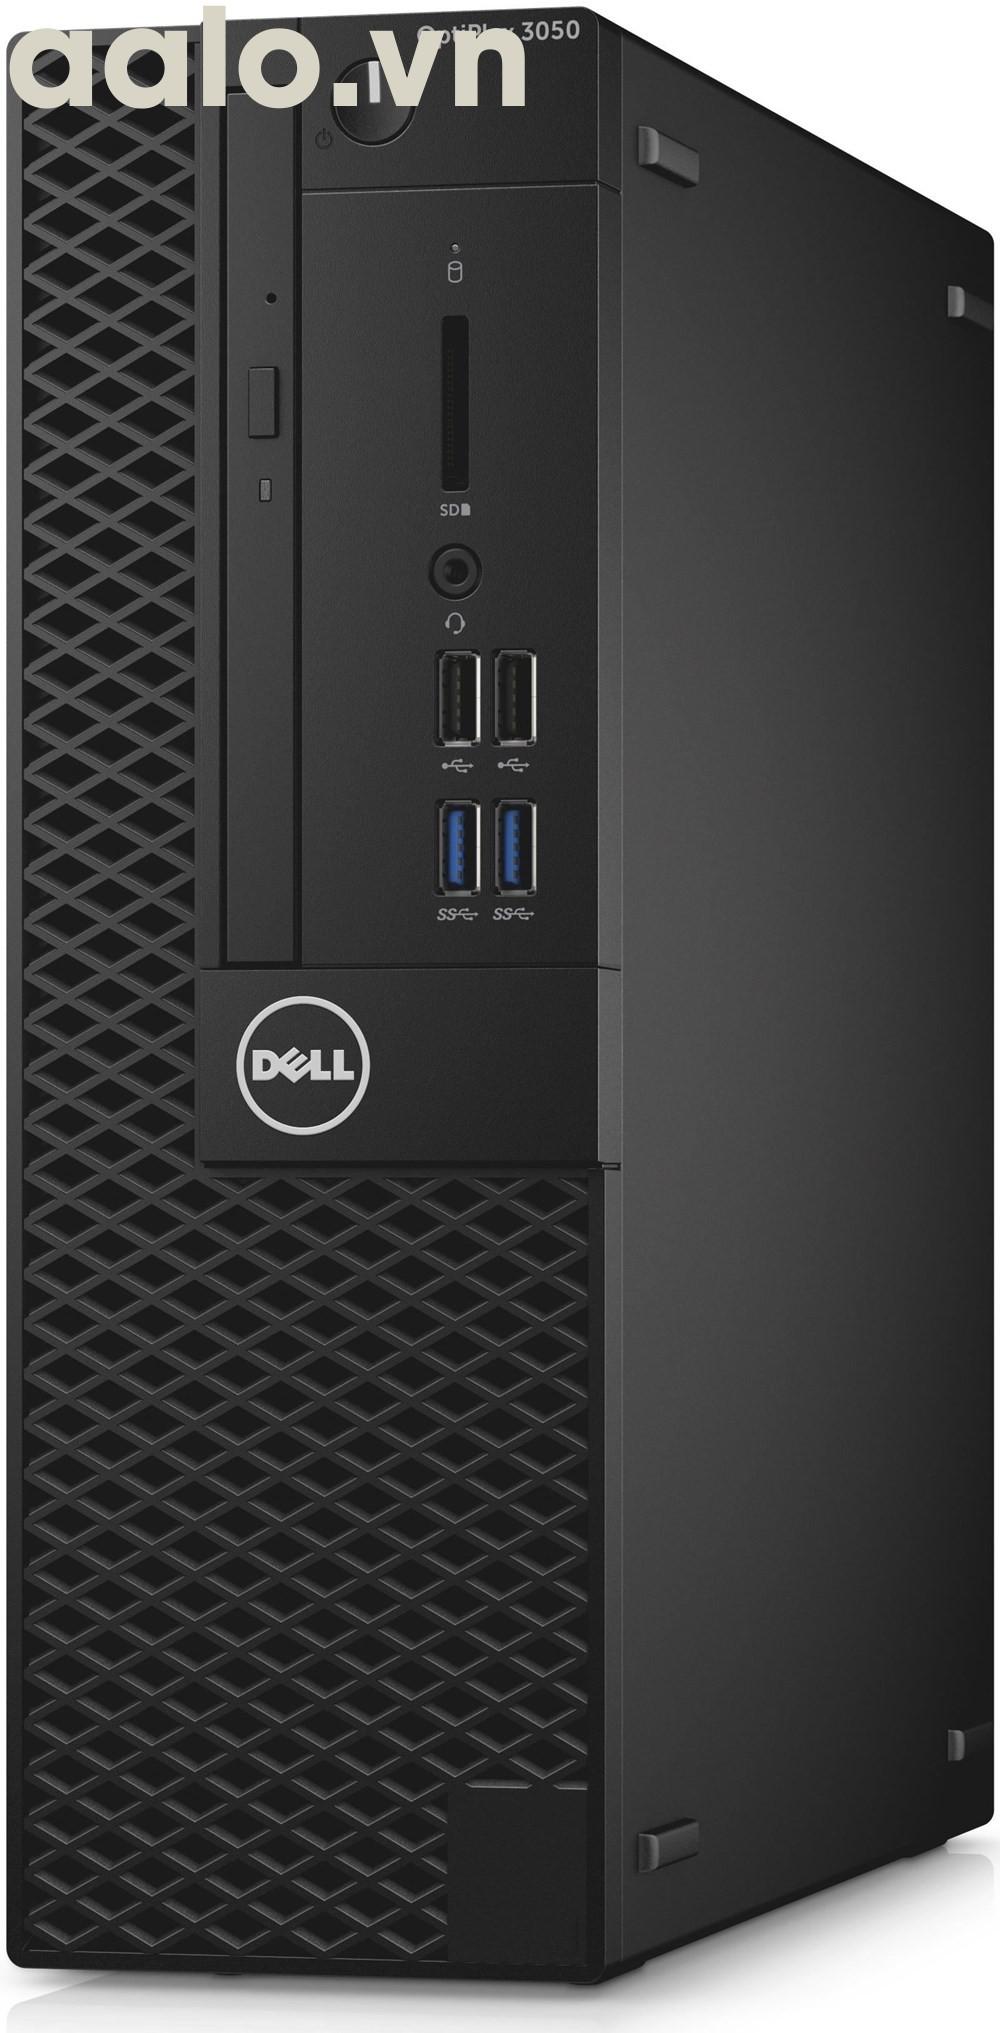 MÁY BỘ DELL VOSTRO 3252MT 42VF350007 Ram 4GB DDR3L 1600MHz / HDD 500GB